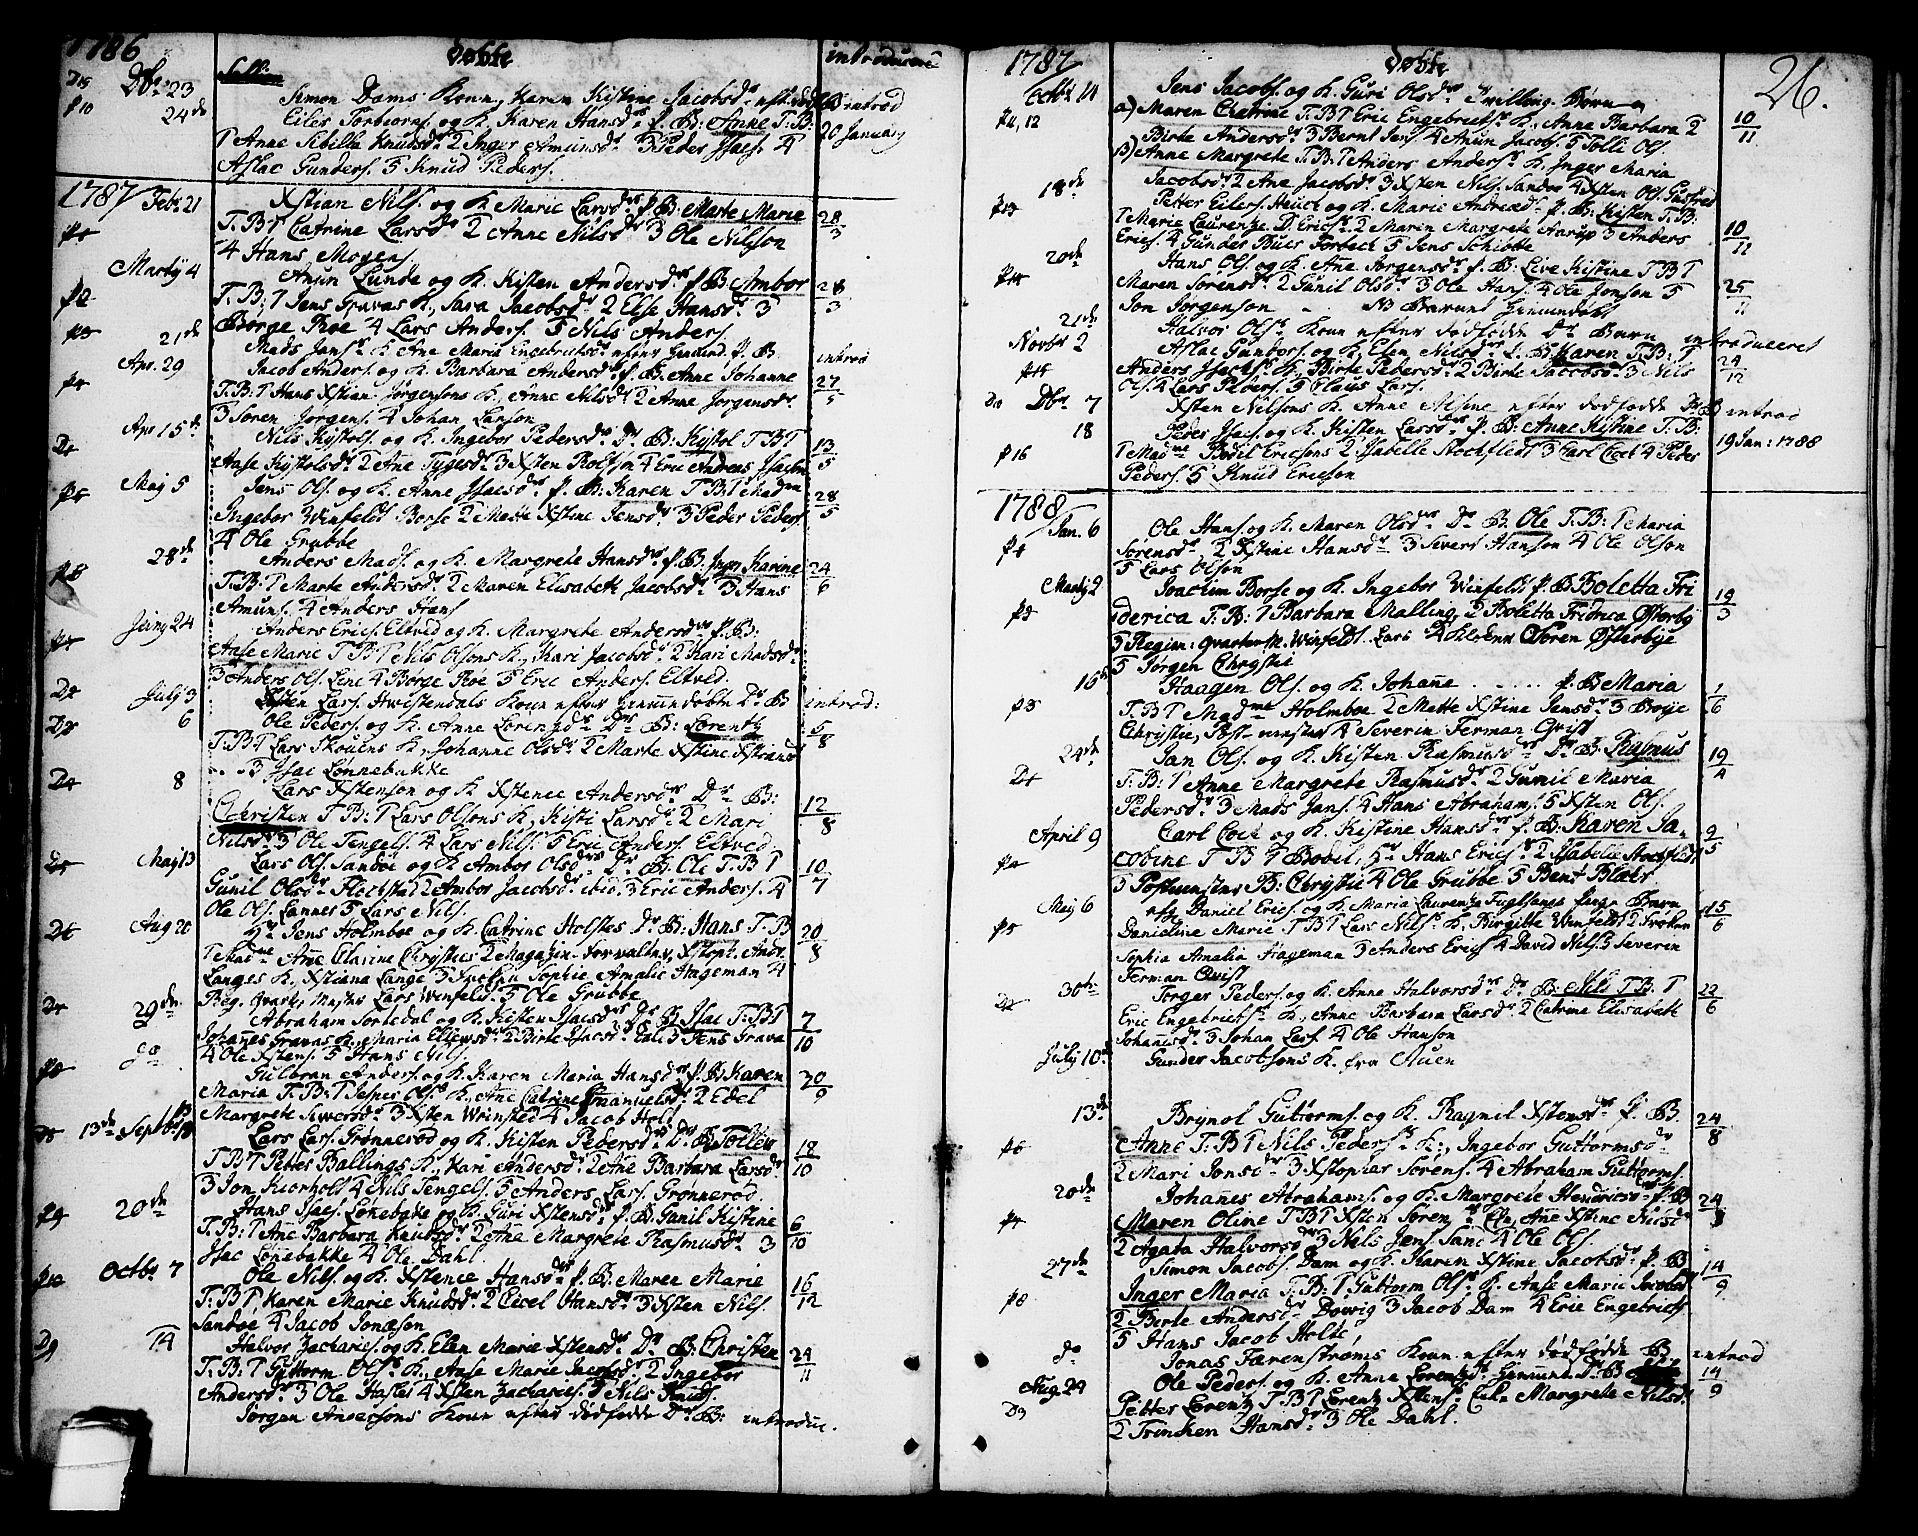 SAKO, Brevik kirkebøker, F/Fa/L0003: Ministerialbok nr. 3, 1764-1814, s. 26